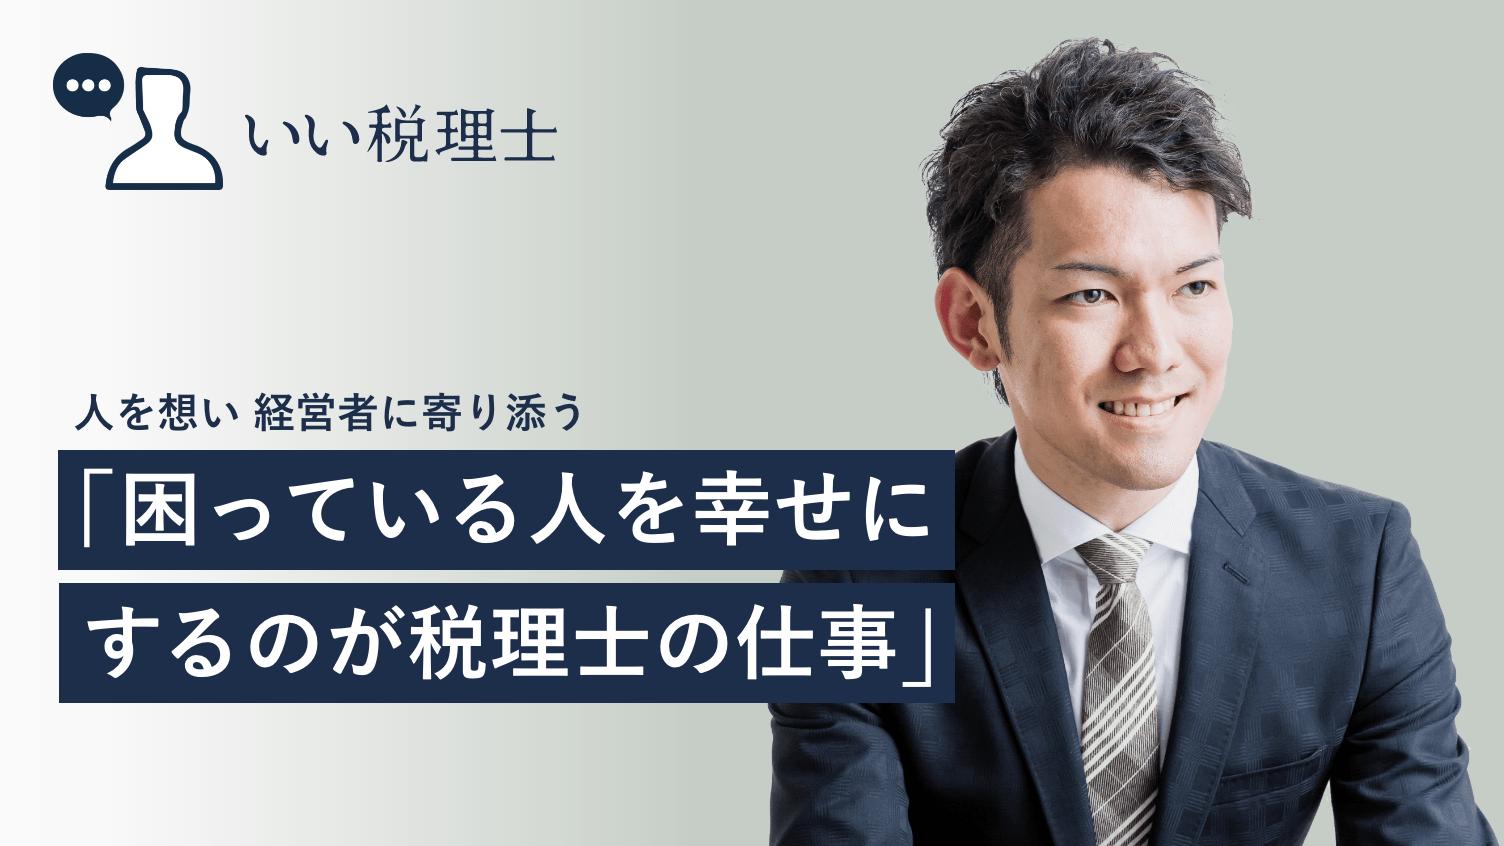 志田さんインタビューアイキャッチ